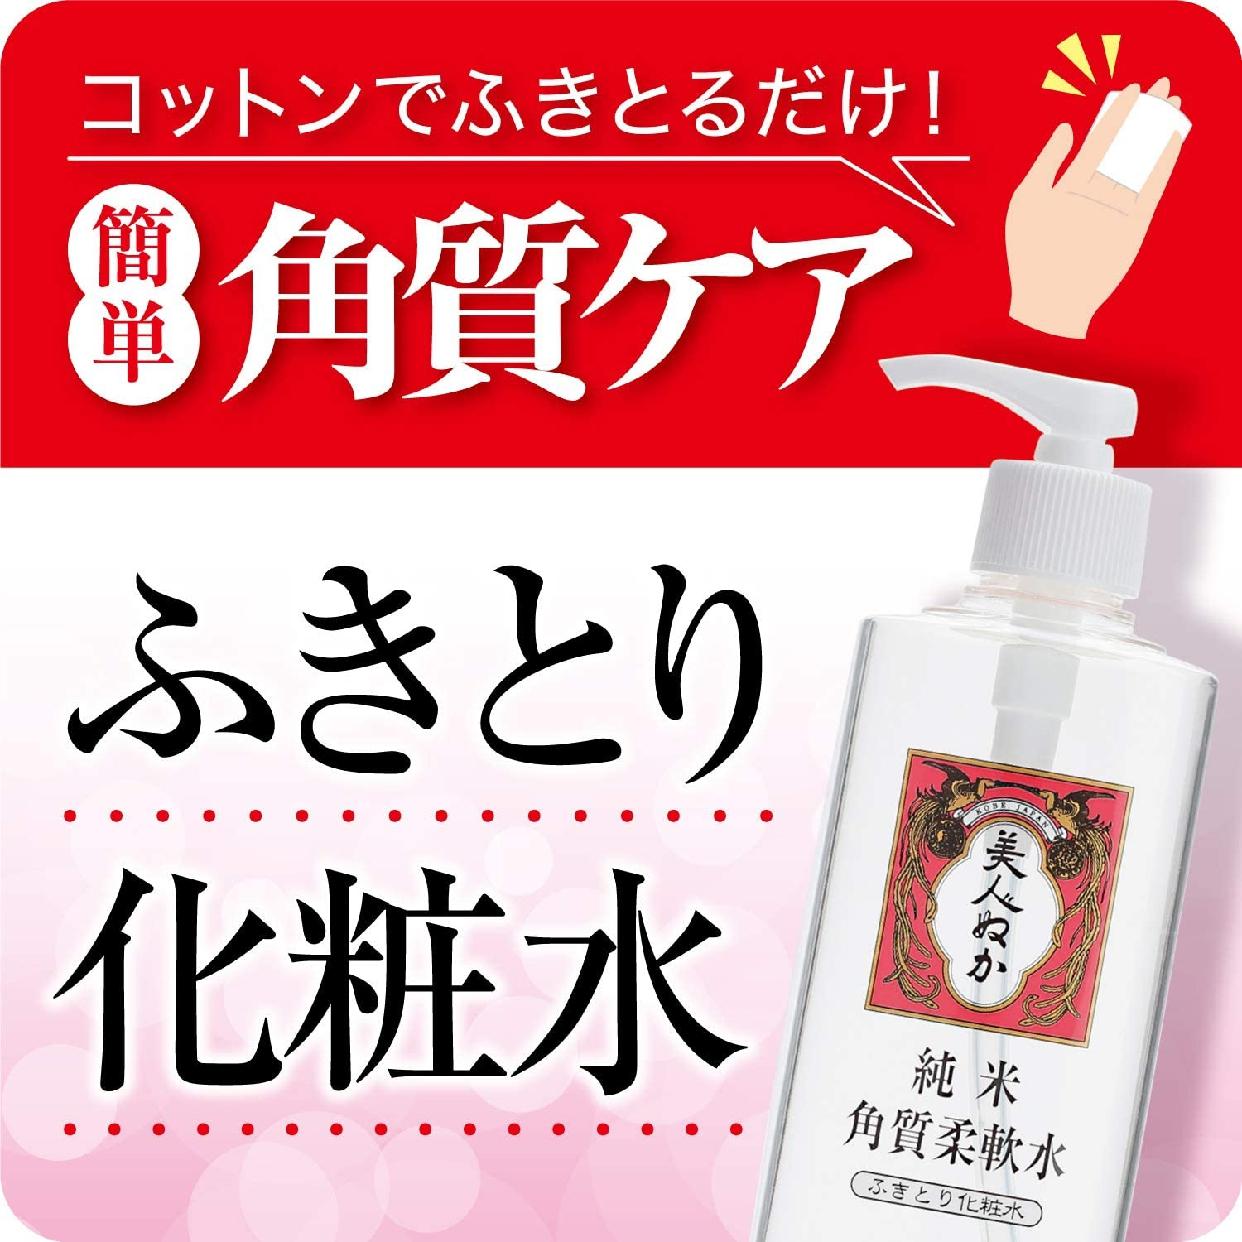 美人ぬか 純米角質柔軟水の商品画像4